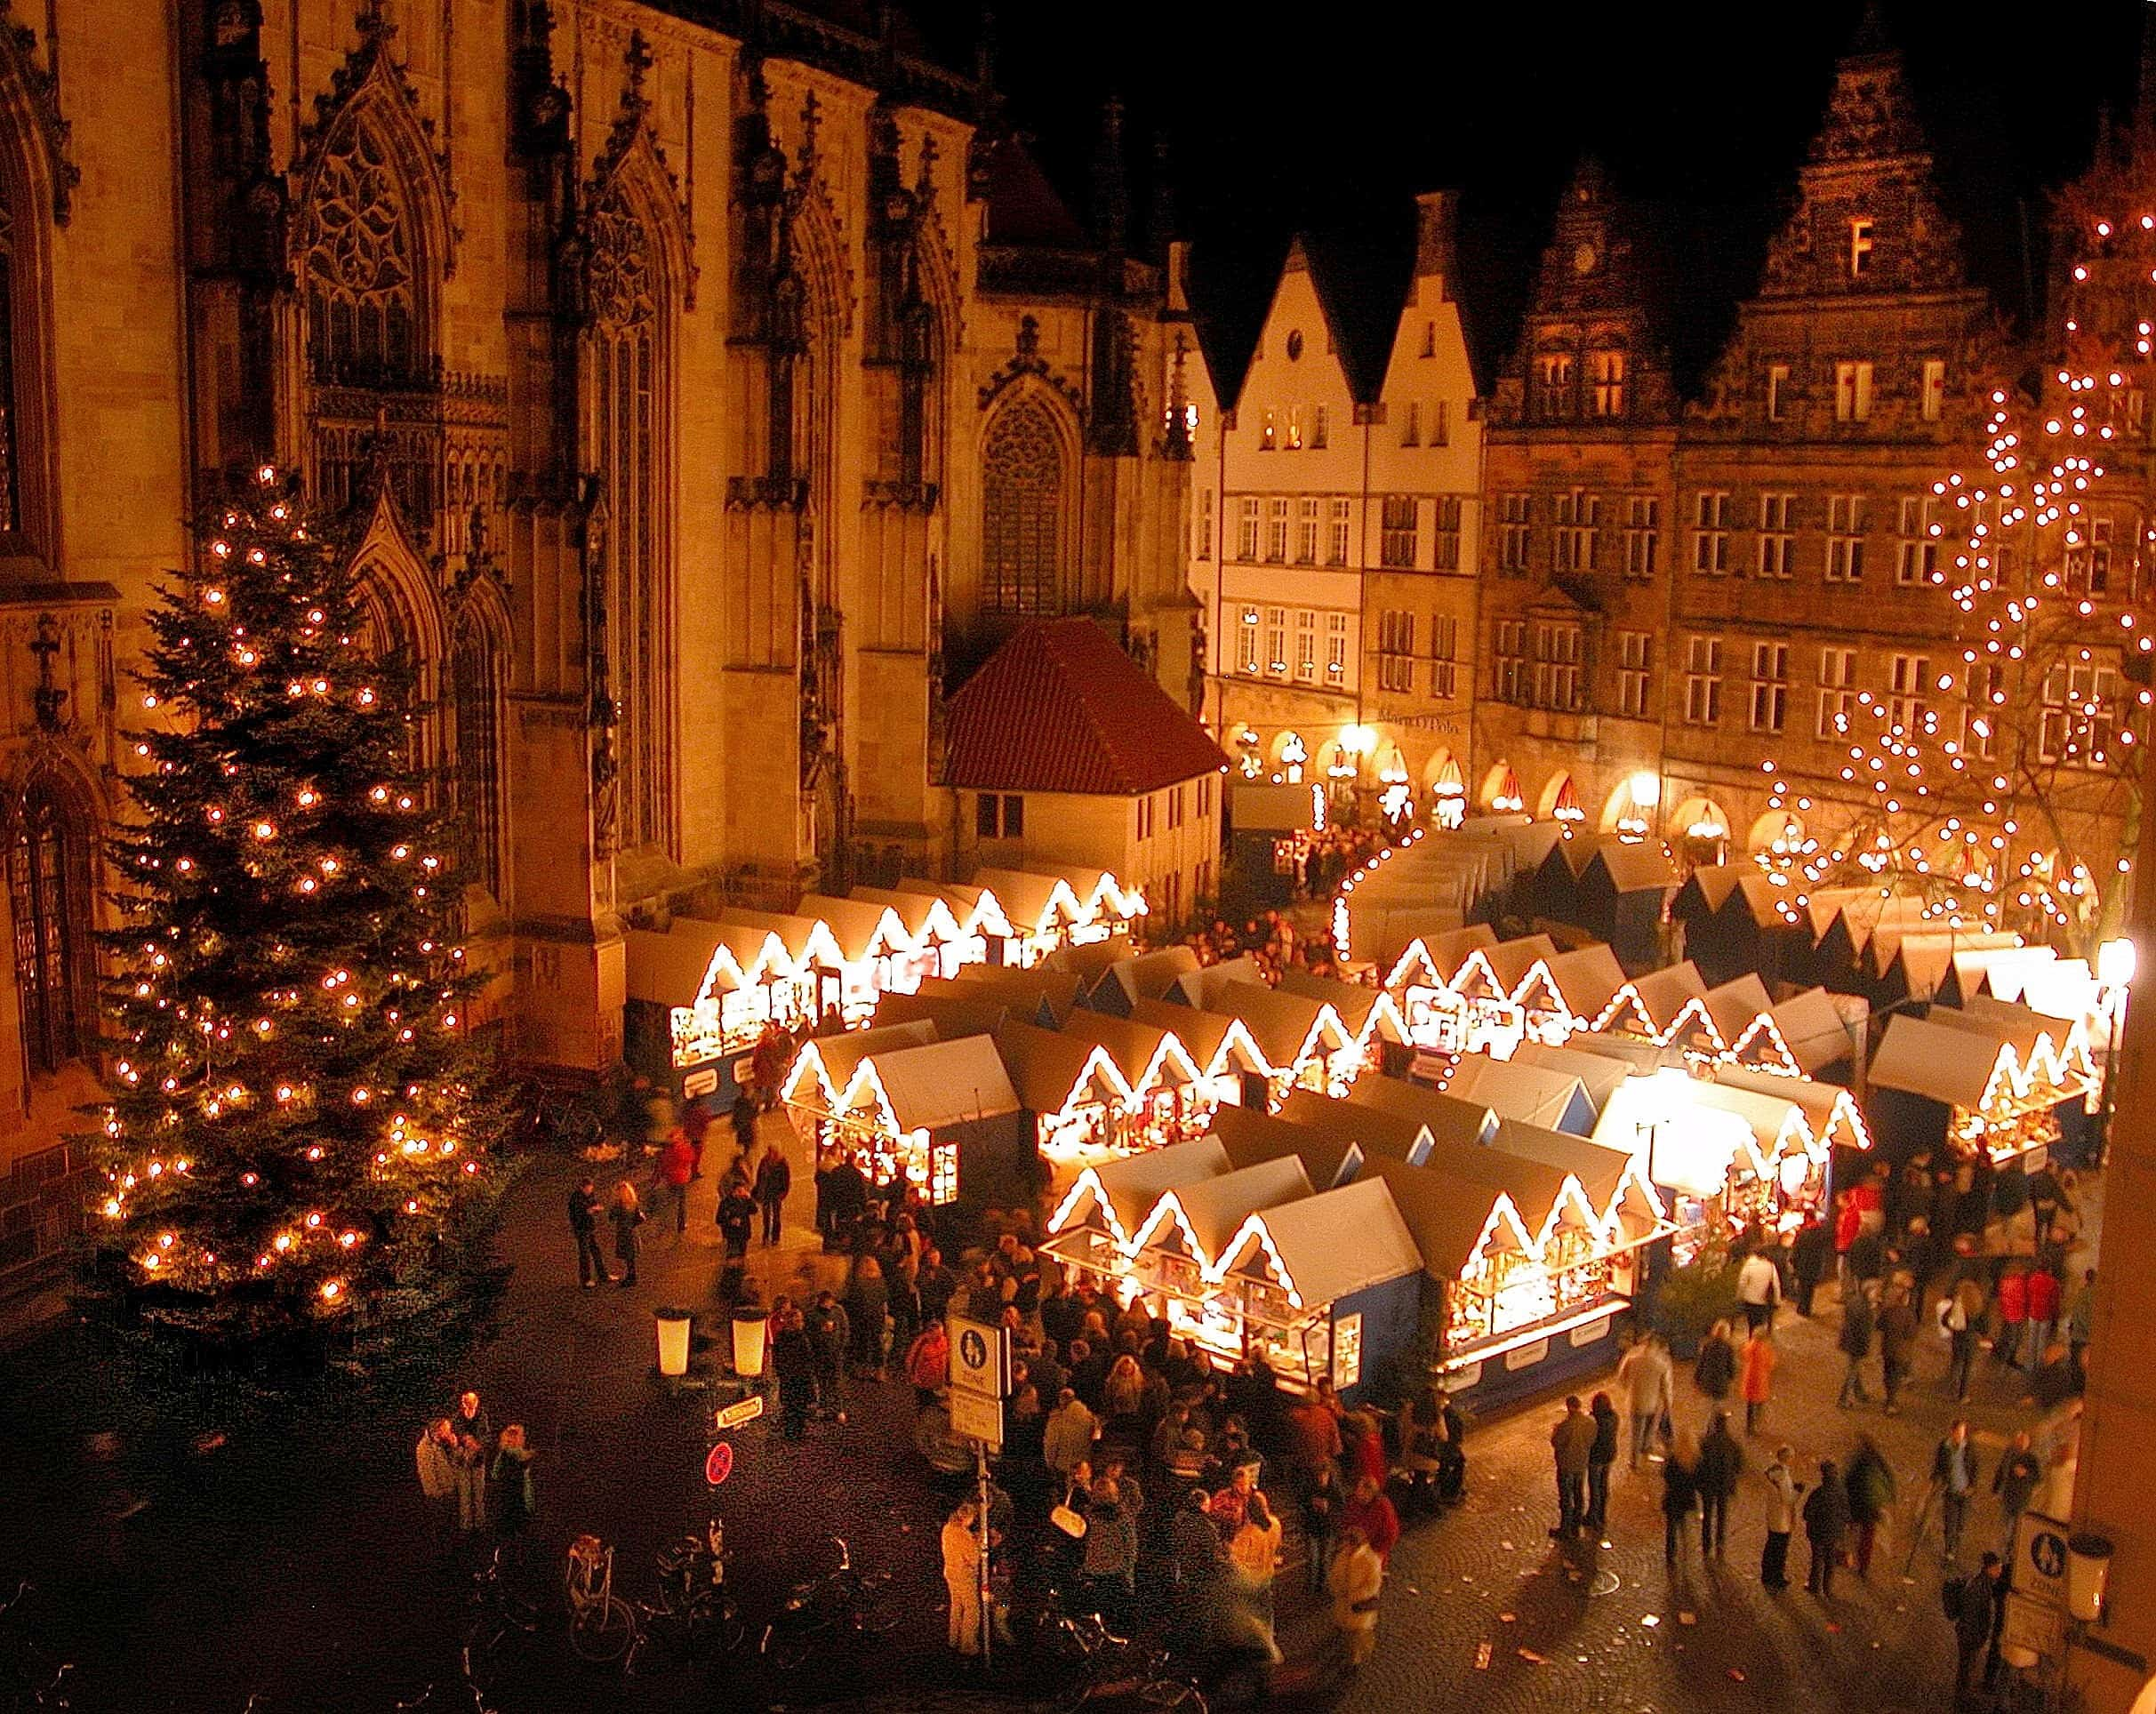 Abendliche Kulisse des Weihnachtsmarktes in Münster bei St. Lamberti